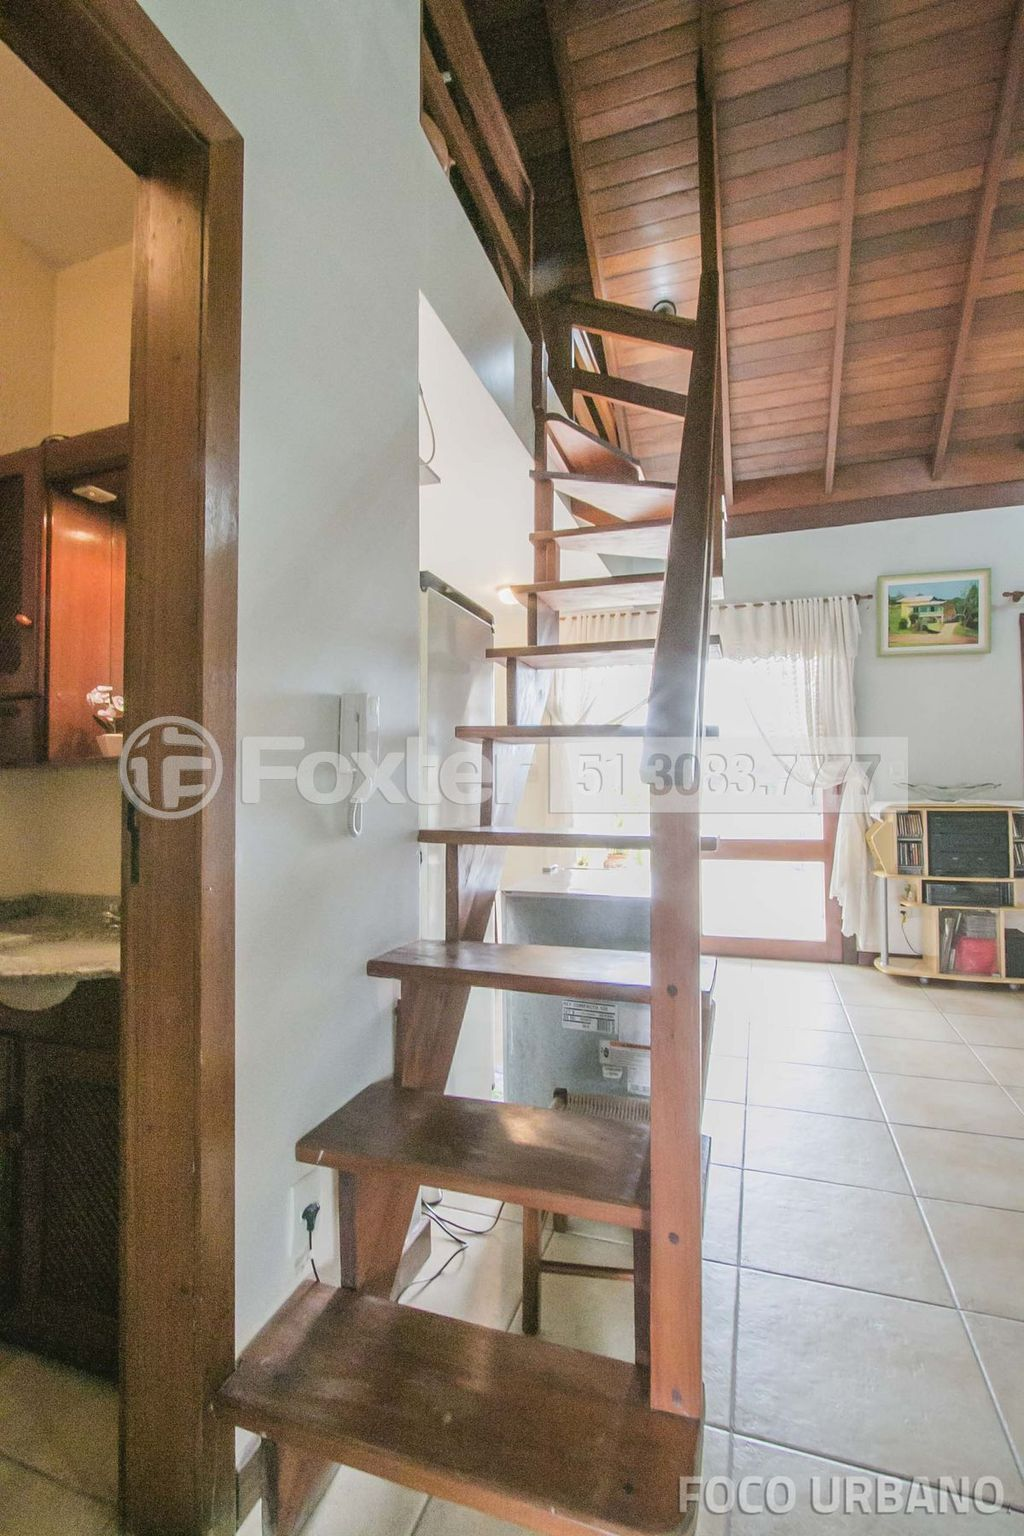 Foxter Imobiliária - Cobertura 4 Dorm (145795) - Foto 29